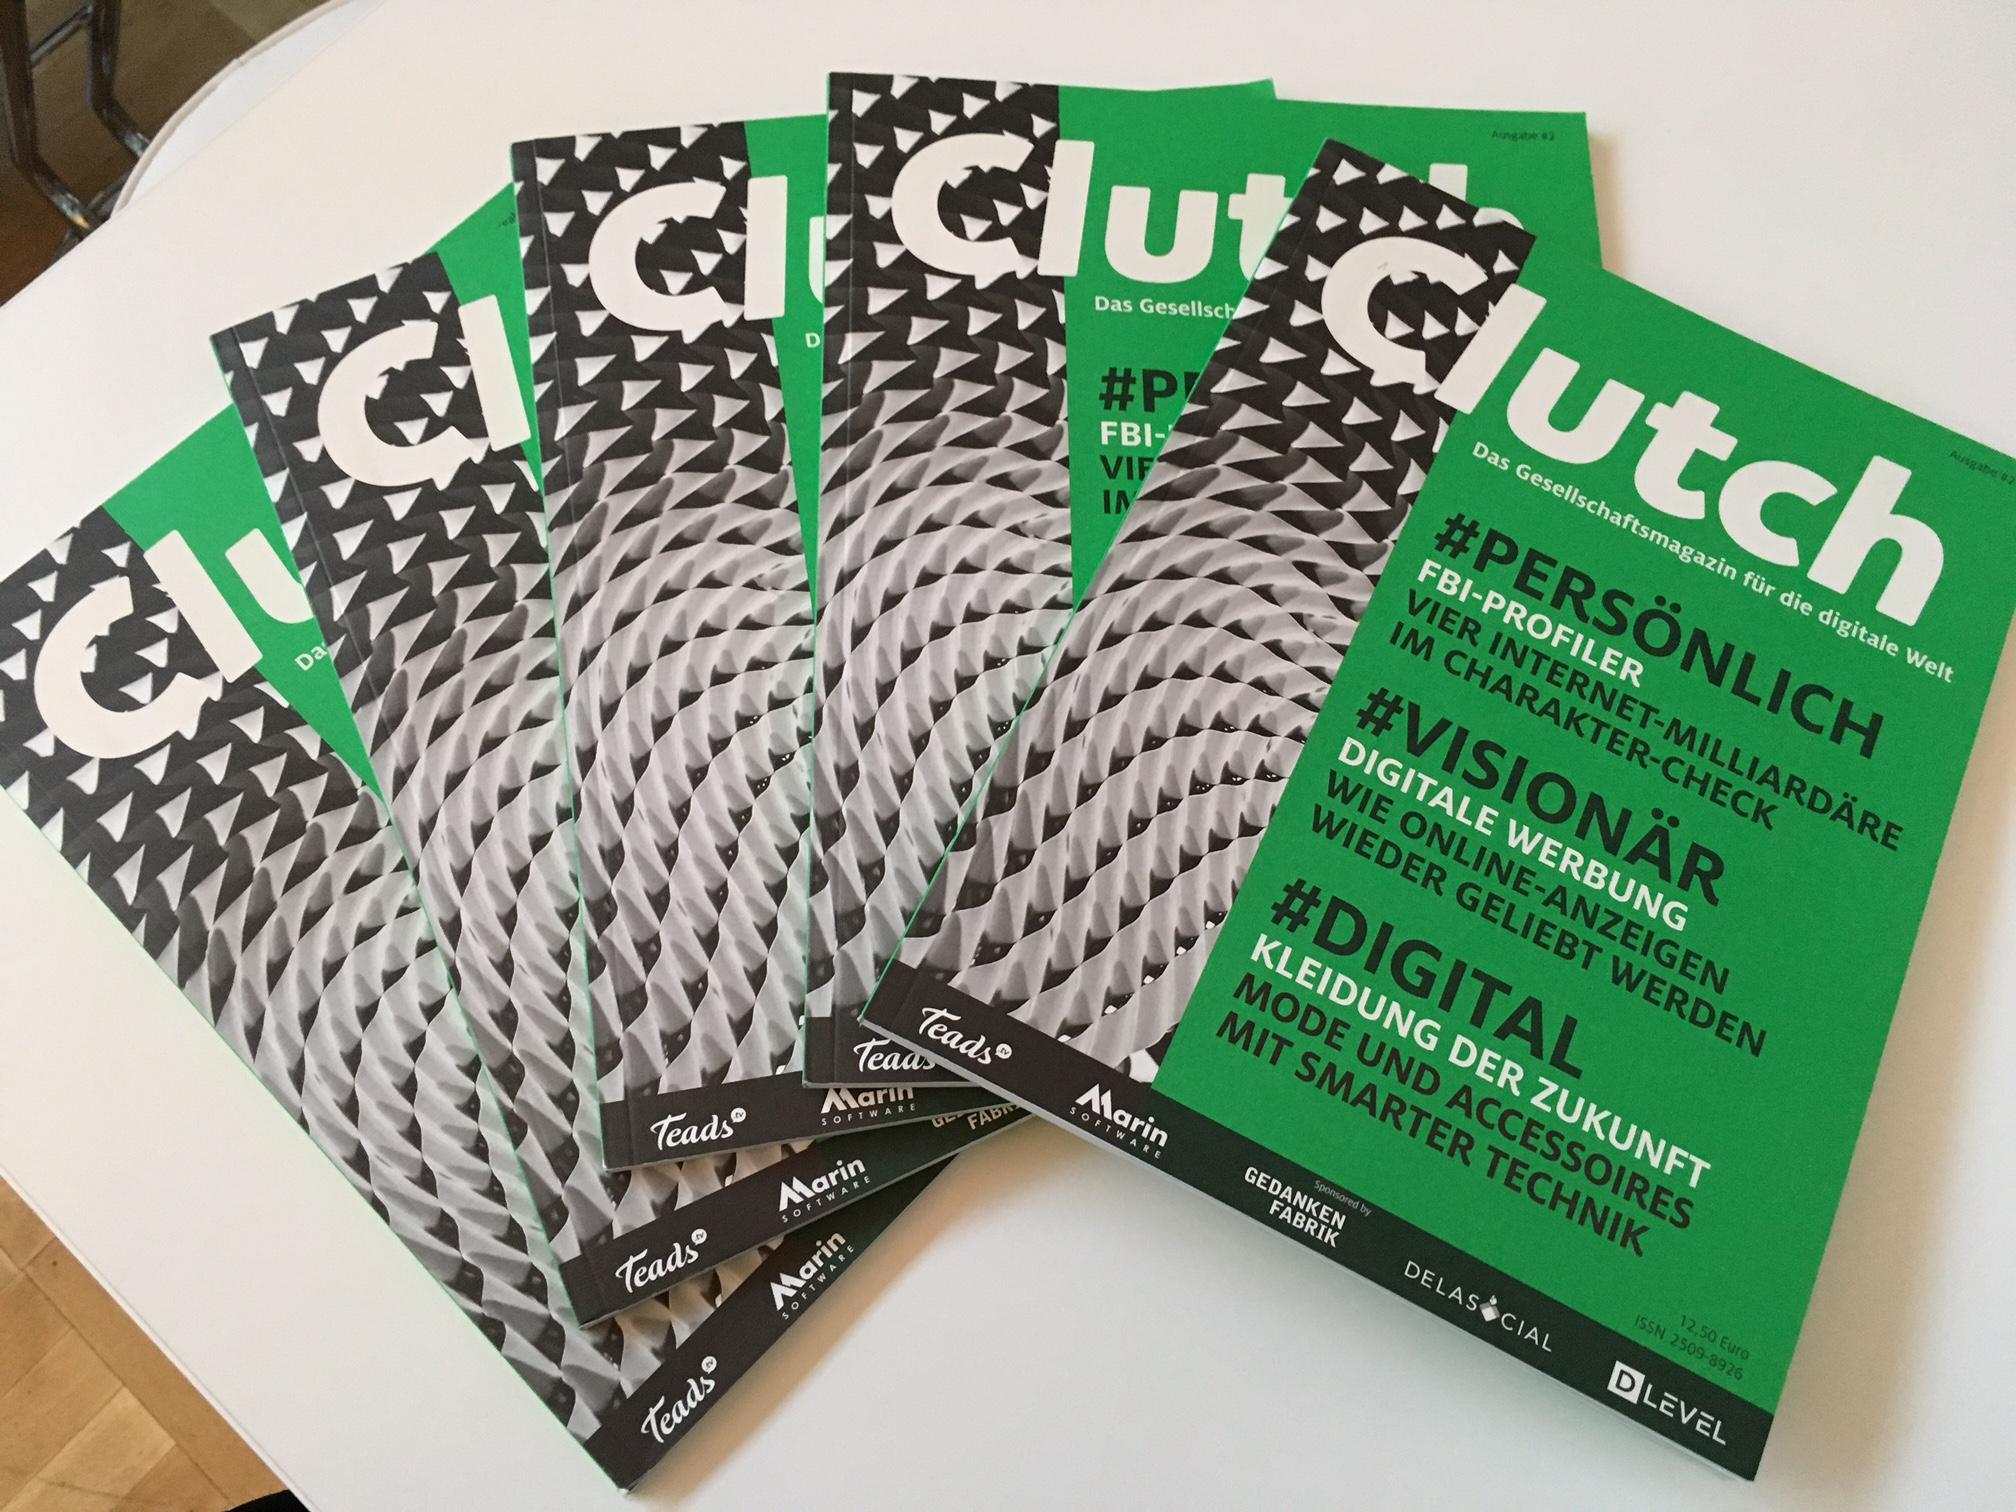 Die zweite Print-Ausgabe von Clutch erschien in einer Auflage von 5.000 Exemplaren